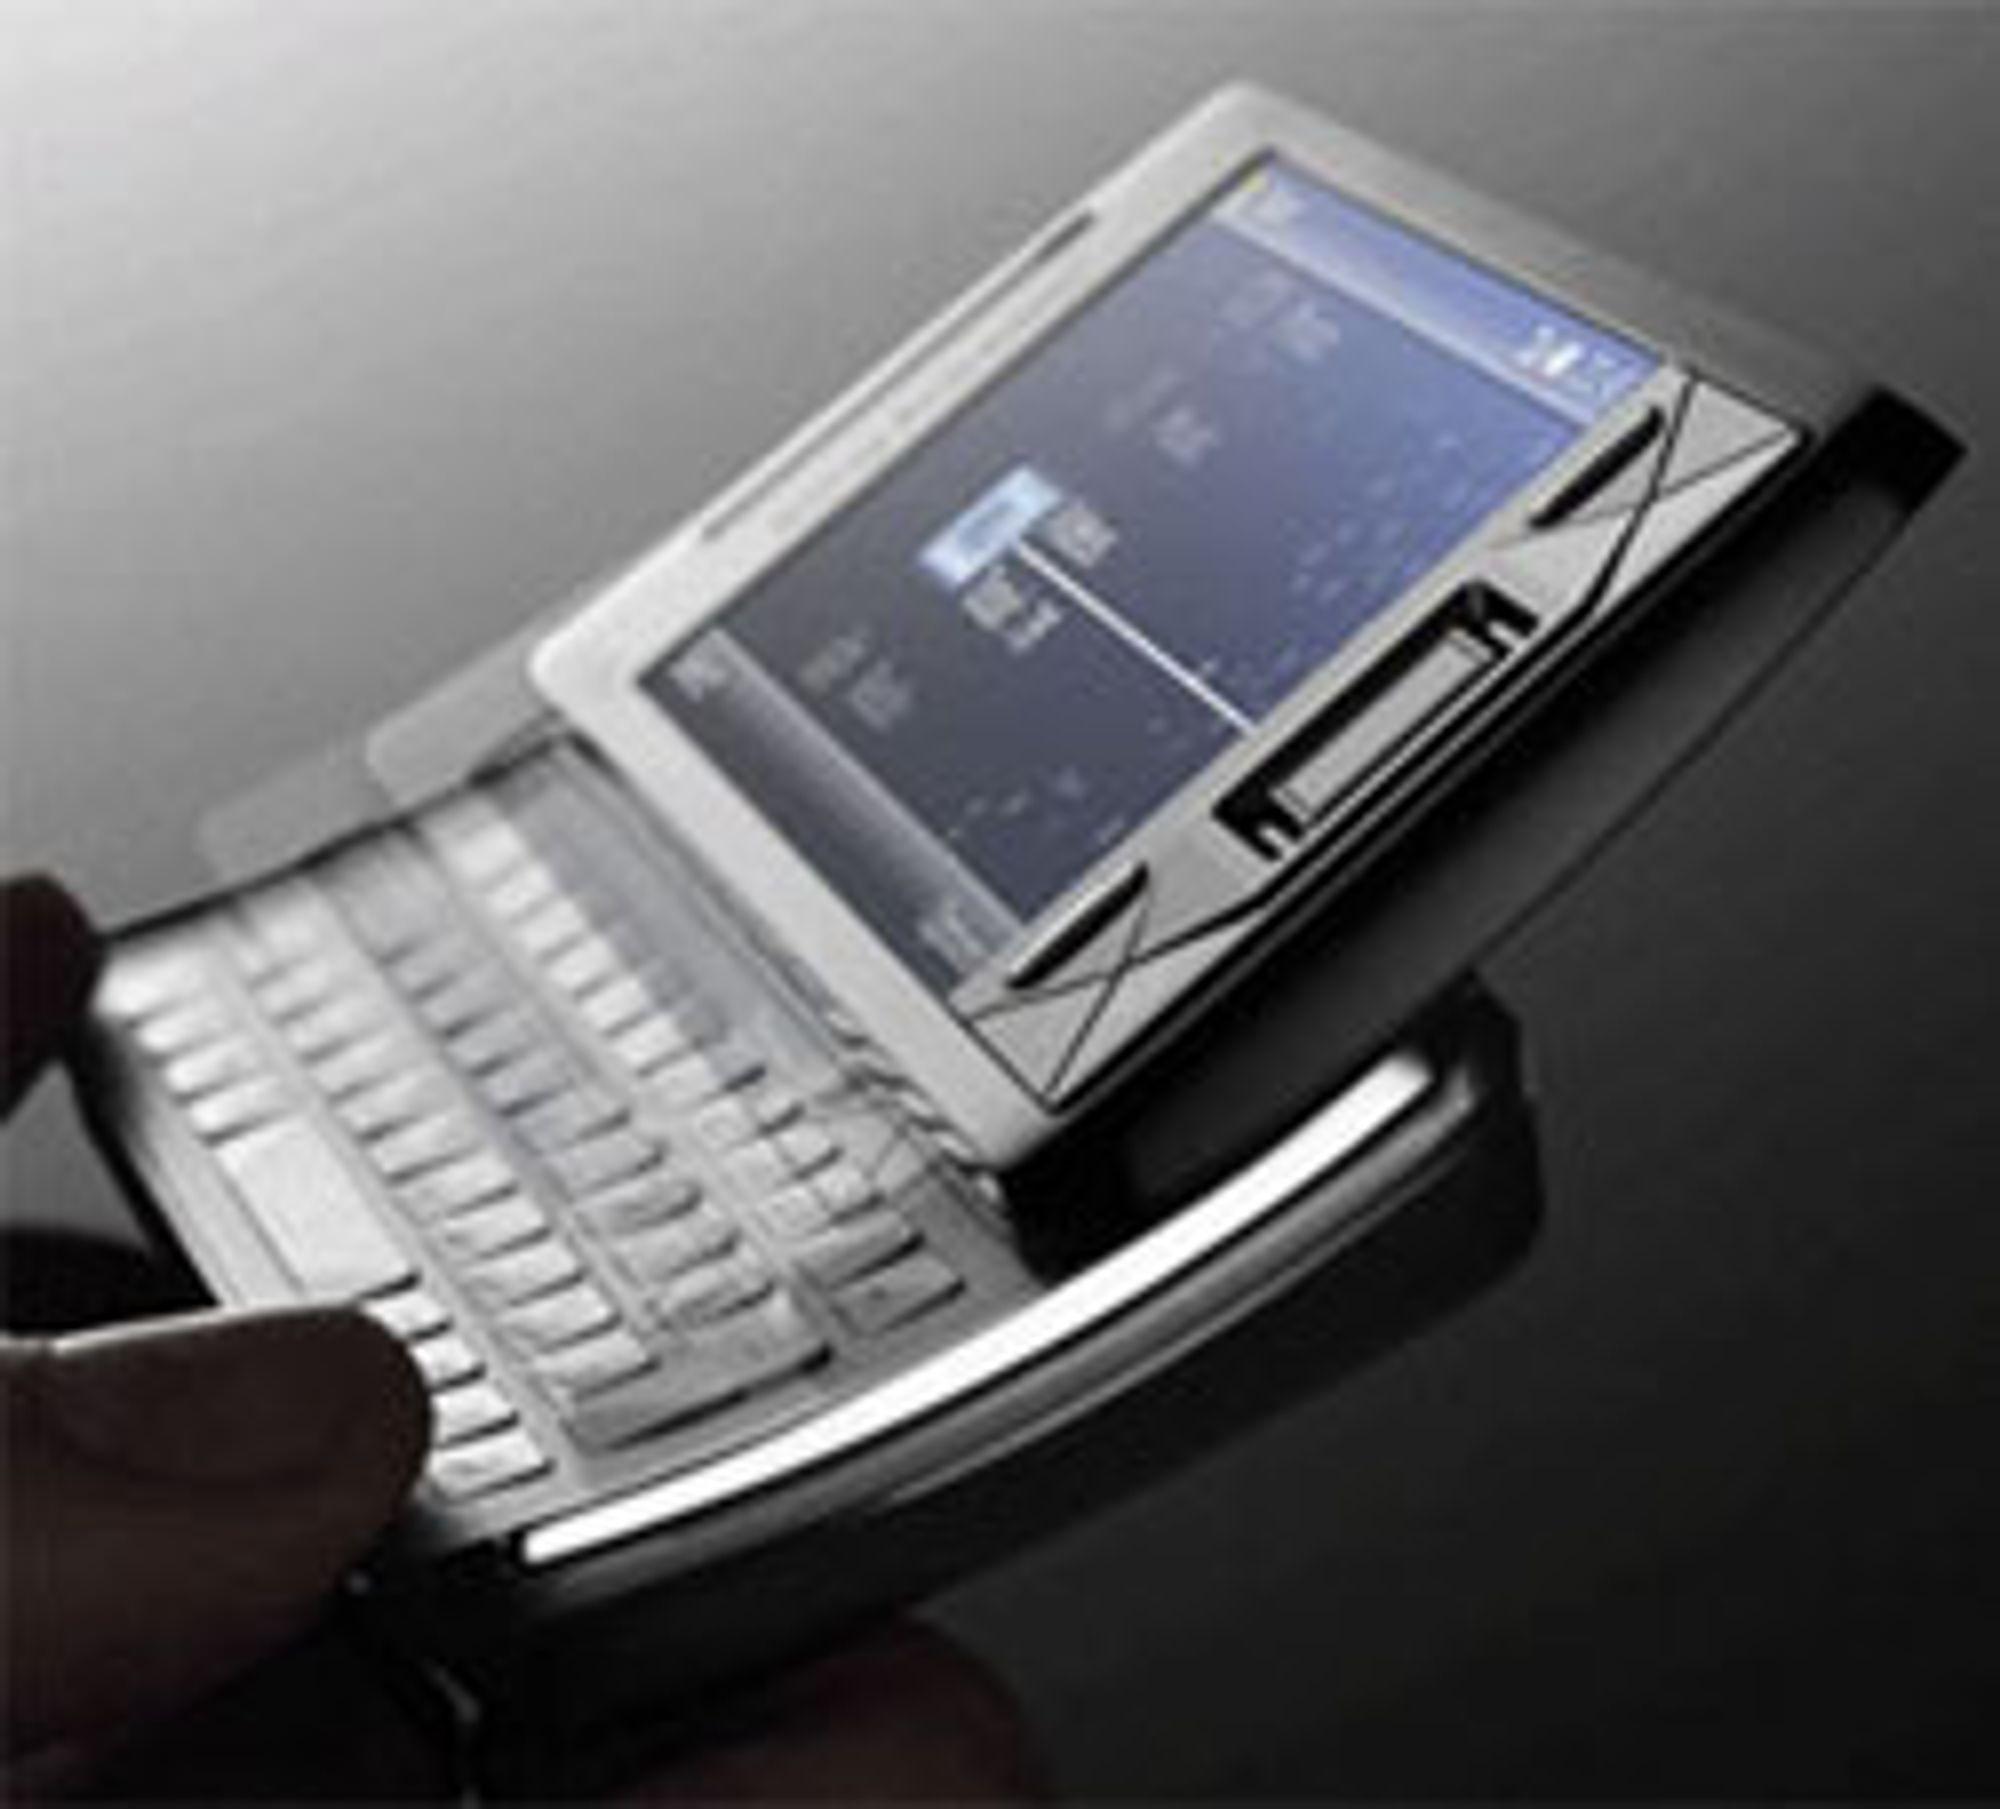 X1i er den første Windows-mobilen Sony Ericsson står bak.